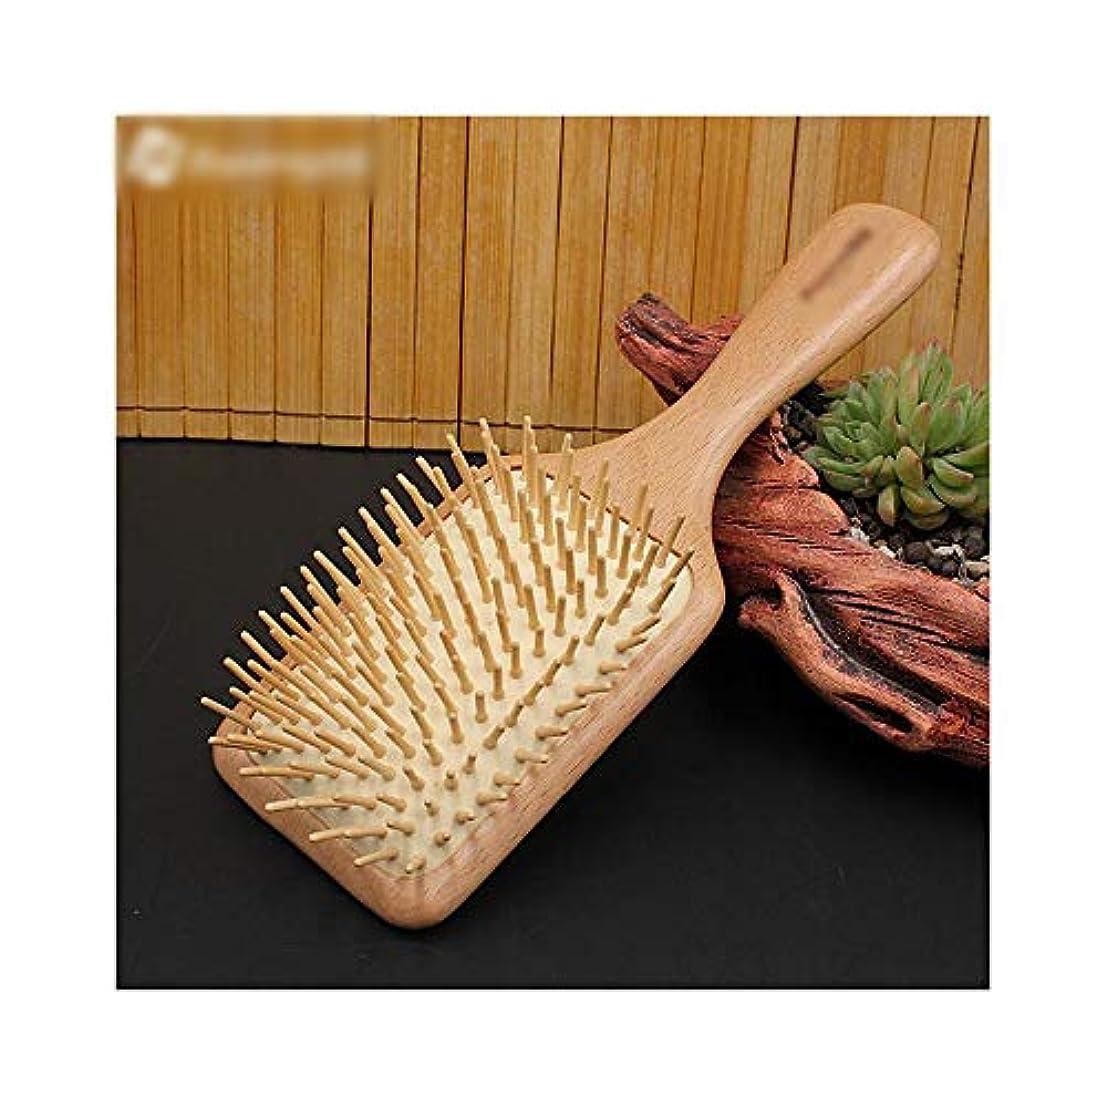 そこから魔術師収益Fashian木製ヘアブラシ、ブナくしエアバッグマッサージくし木製ヘアブラシ ヘアケア (色 : Square)